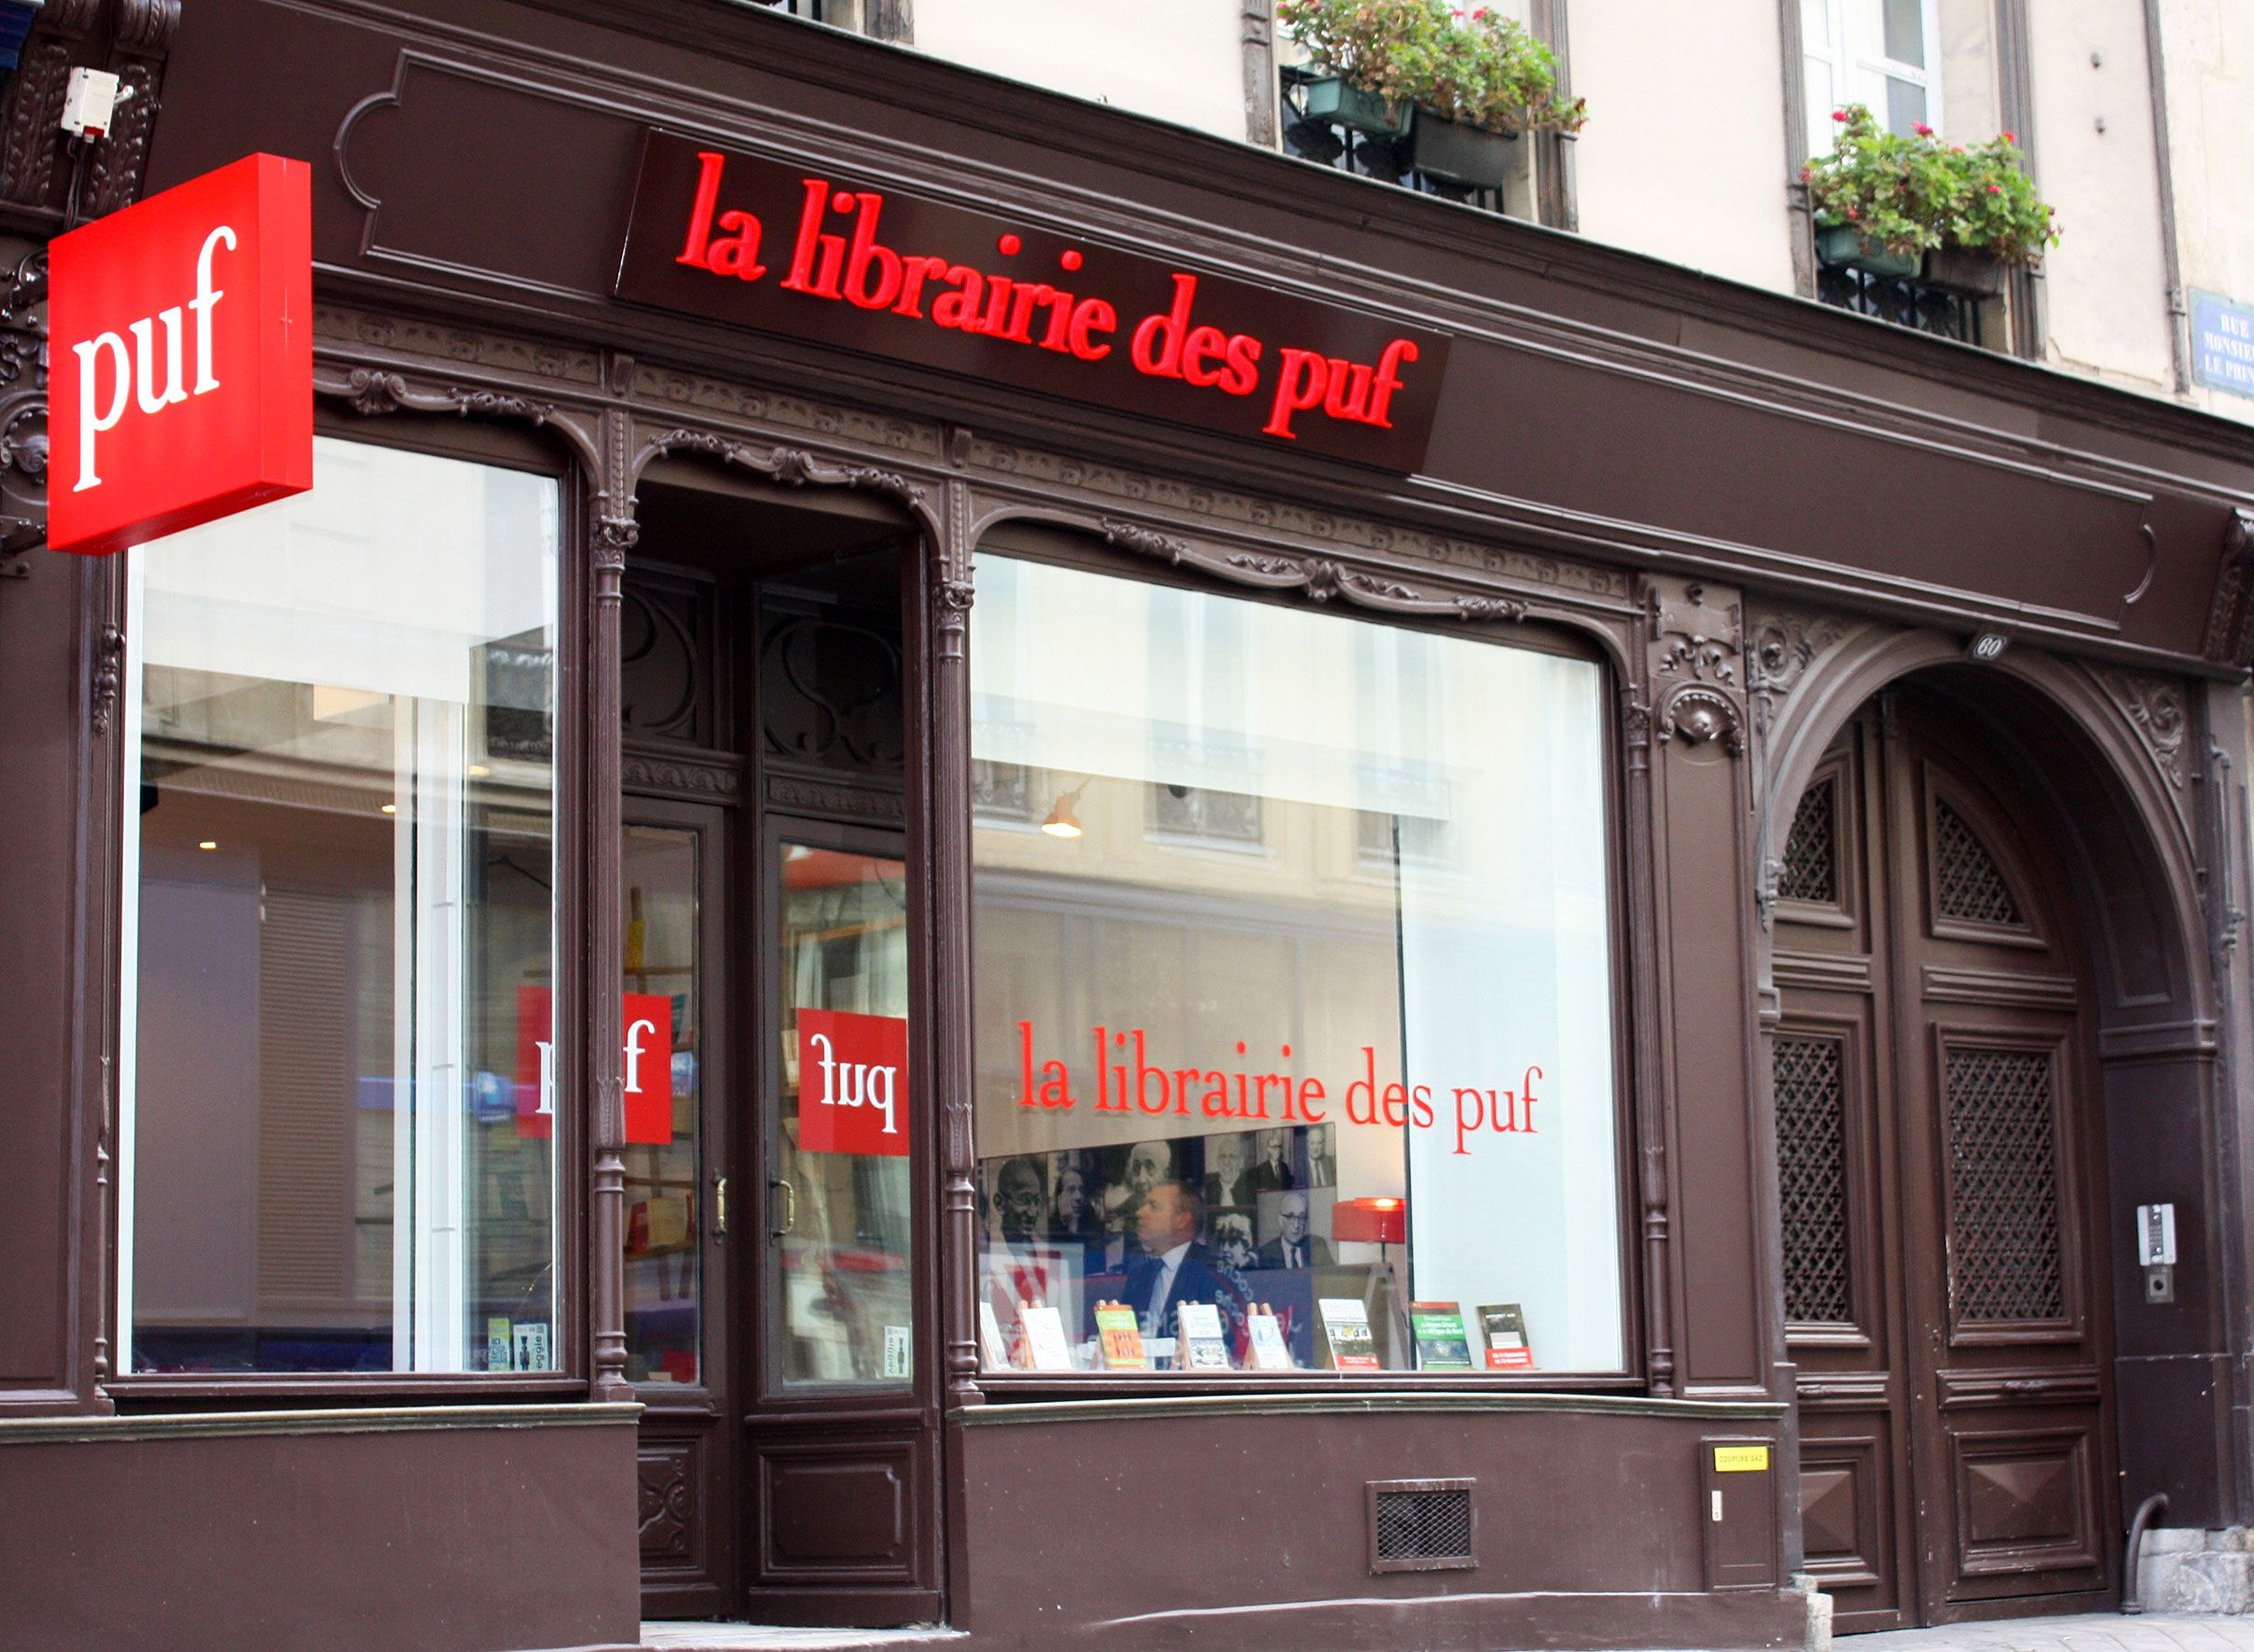 Librairie des Puf, a livraria que não faz stock e imprime até 5000 mil livros na hora